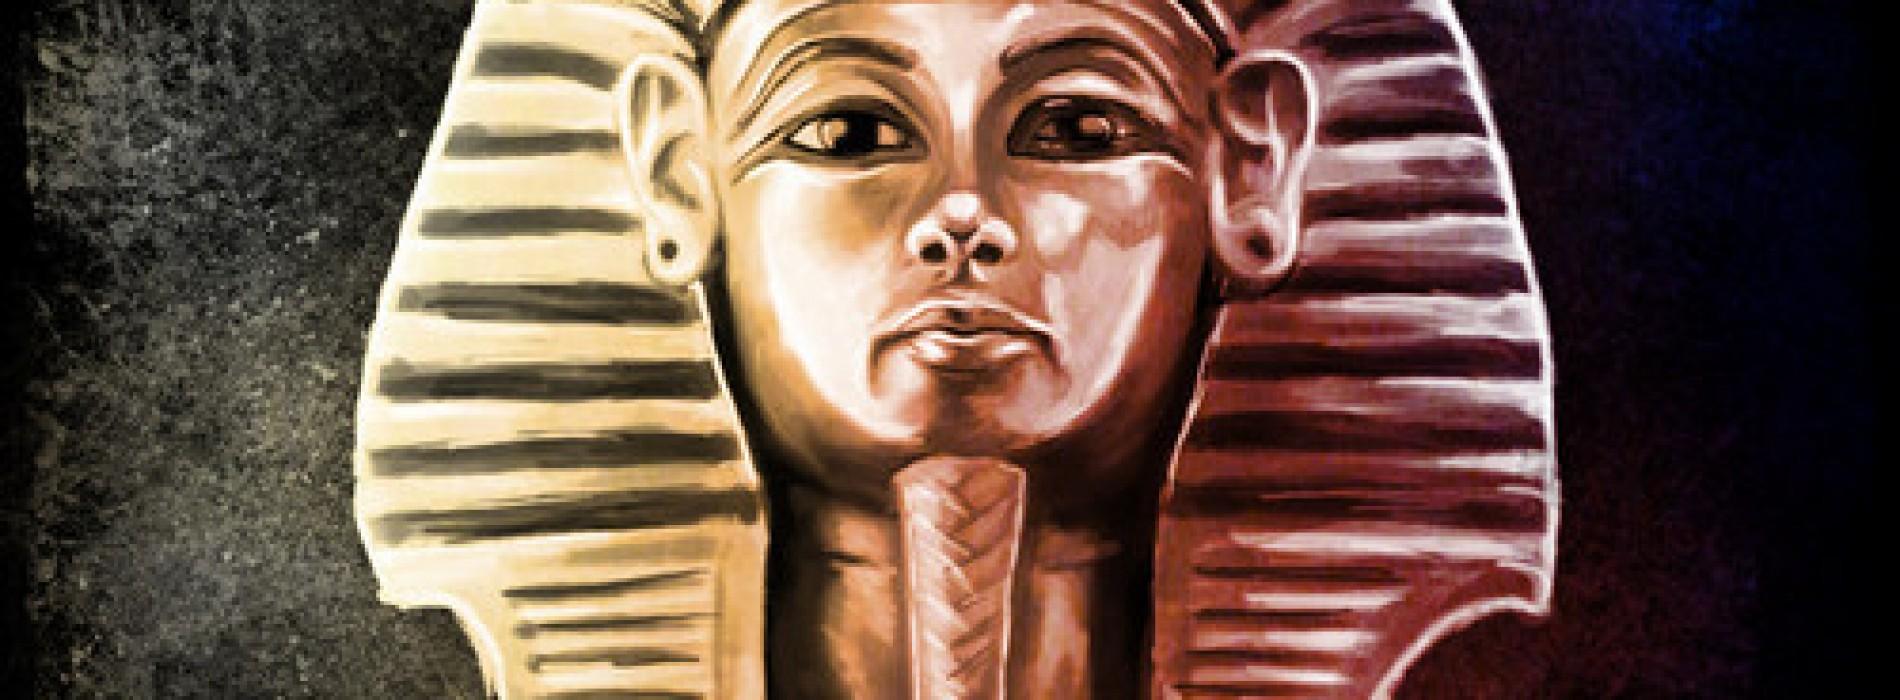 iClown – Pharaoh's Curse